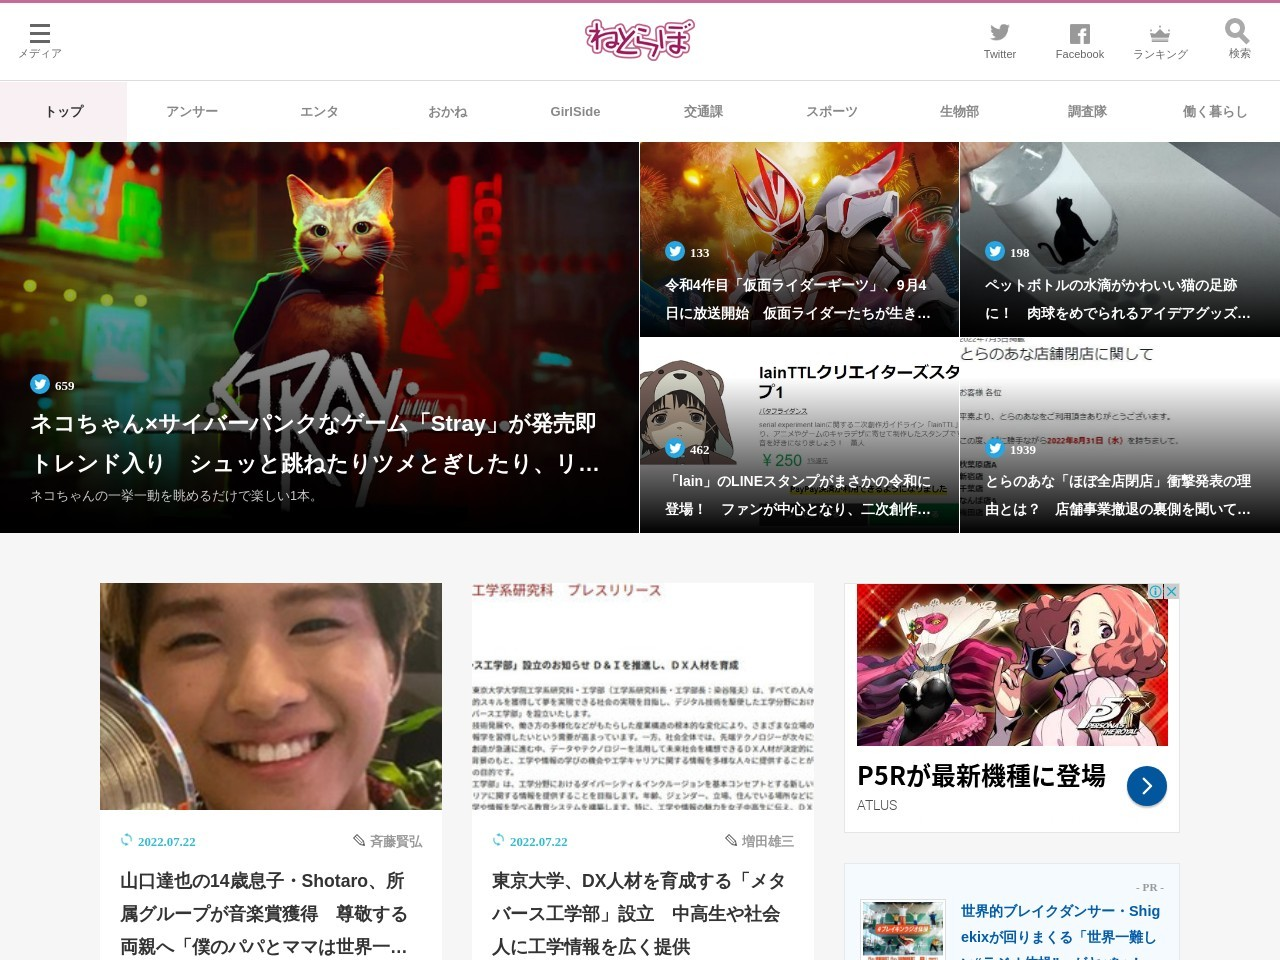 2019年夏アニメ注目度調査第2週目! 「ギヴン」「お母好き」が台頭しランキングに大きな変動が